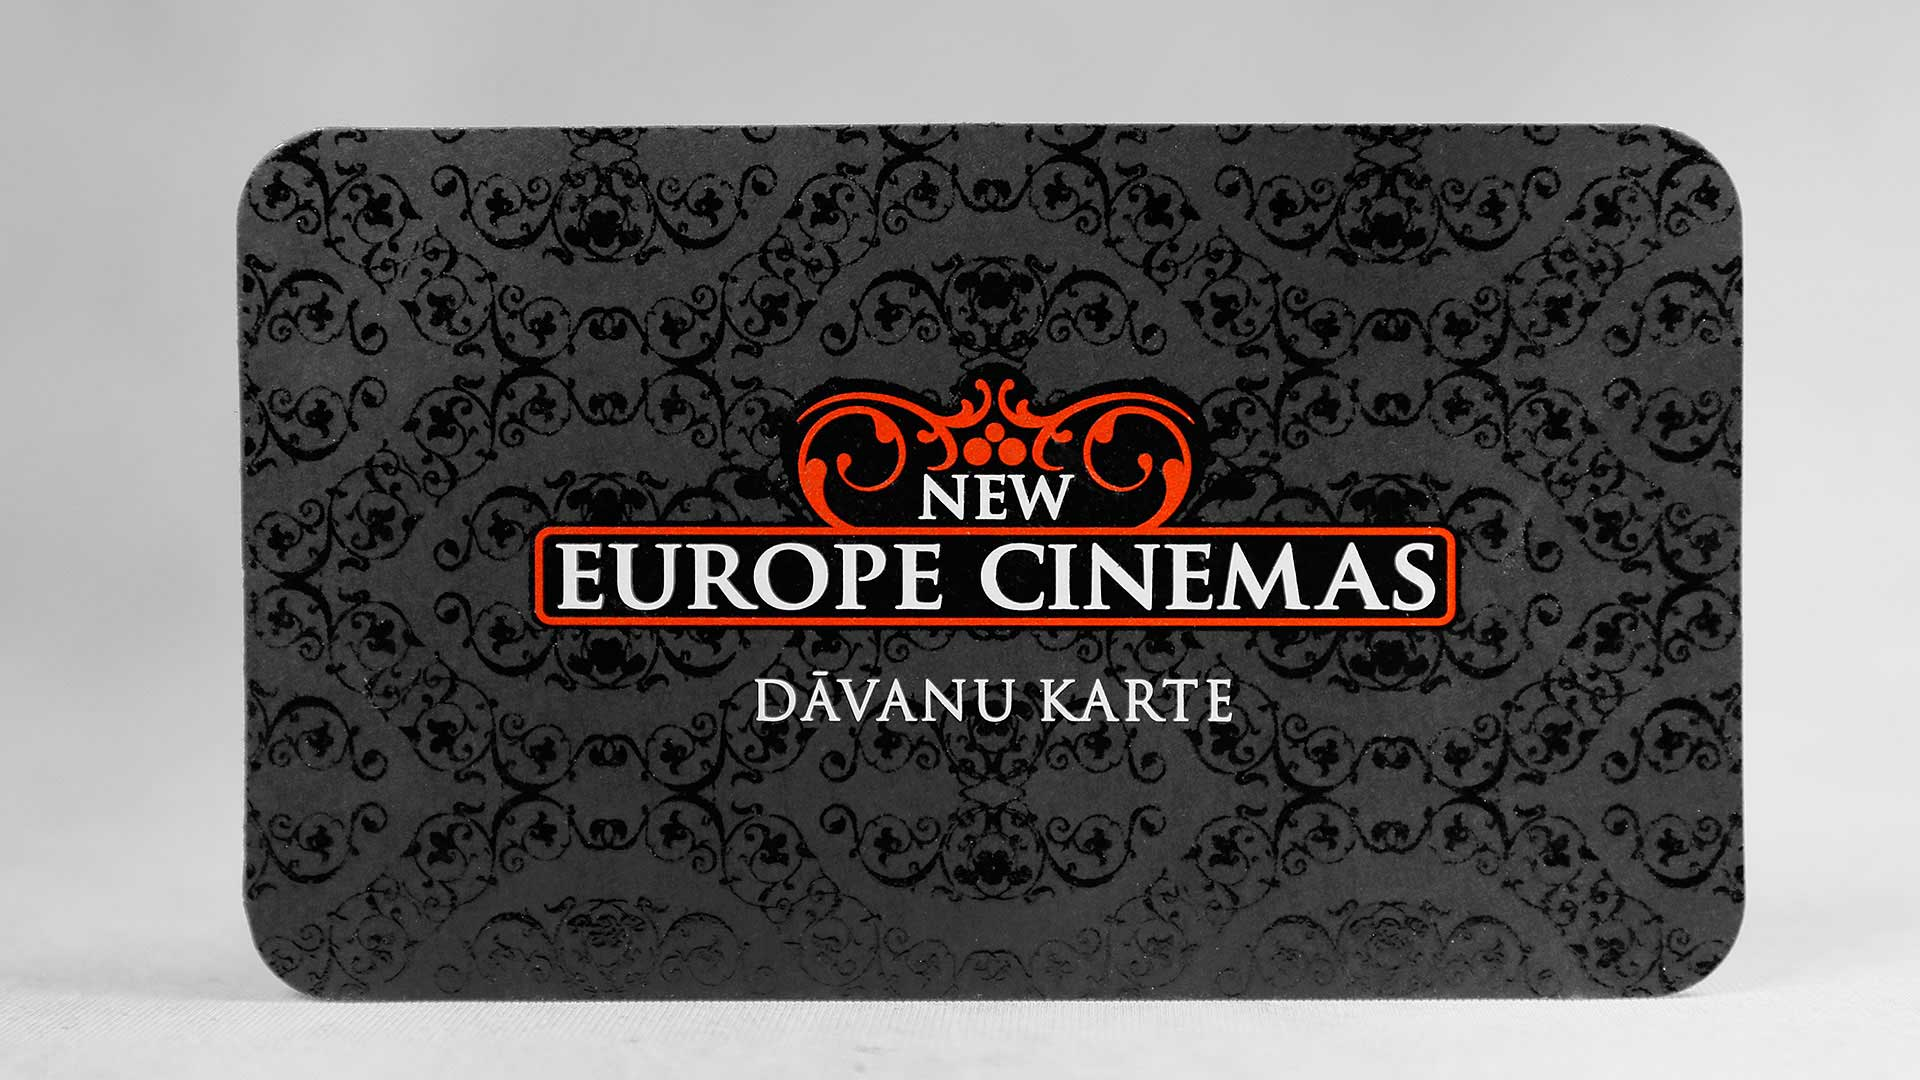 Dāvanu kartes izgatavošana Europe Cinemas